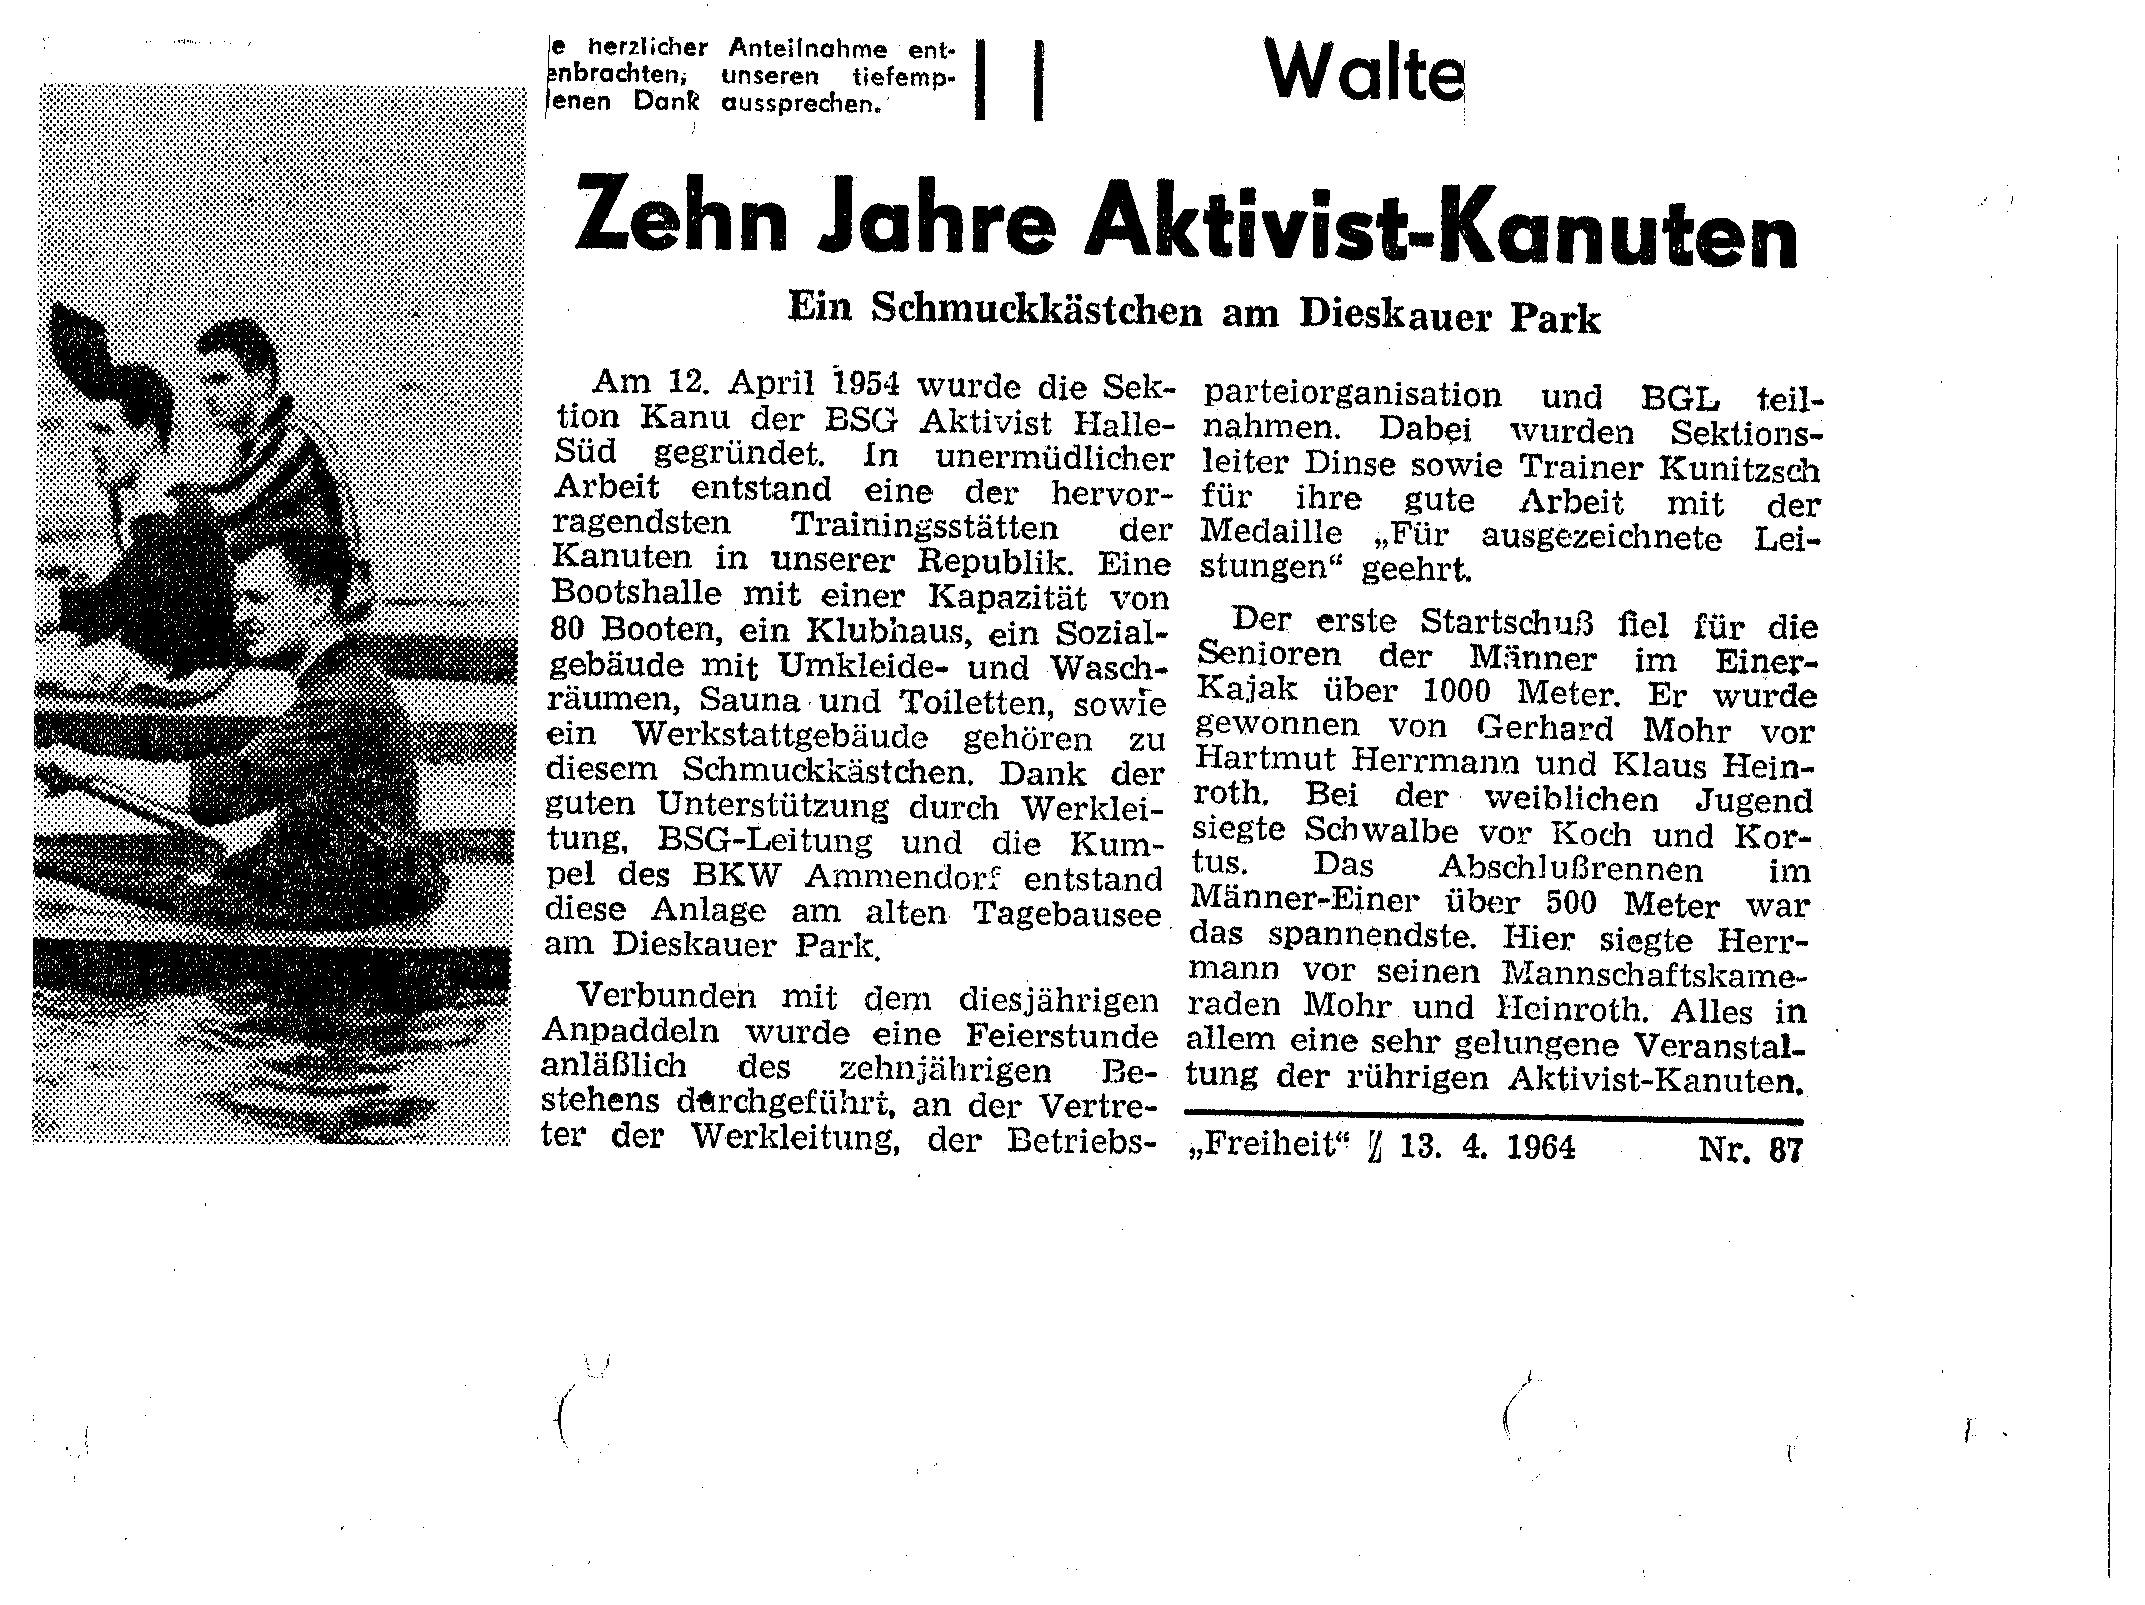 1964-04-13 Zehn Jahre Aktivist-Kanuten